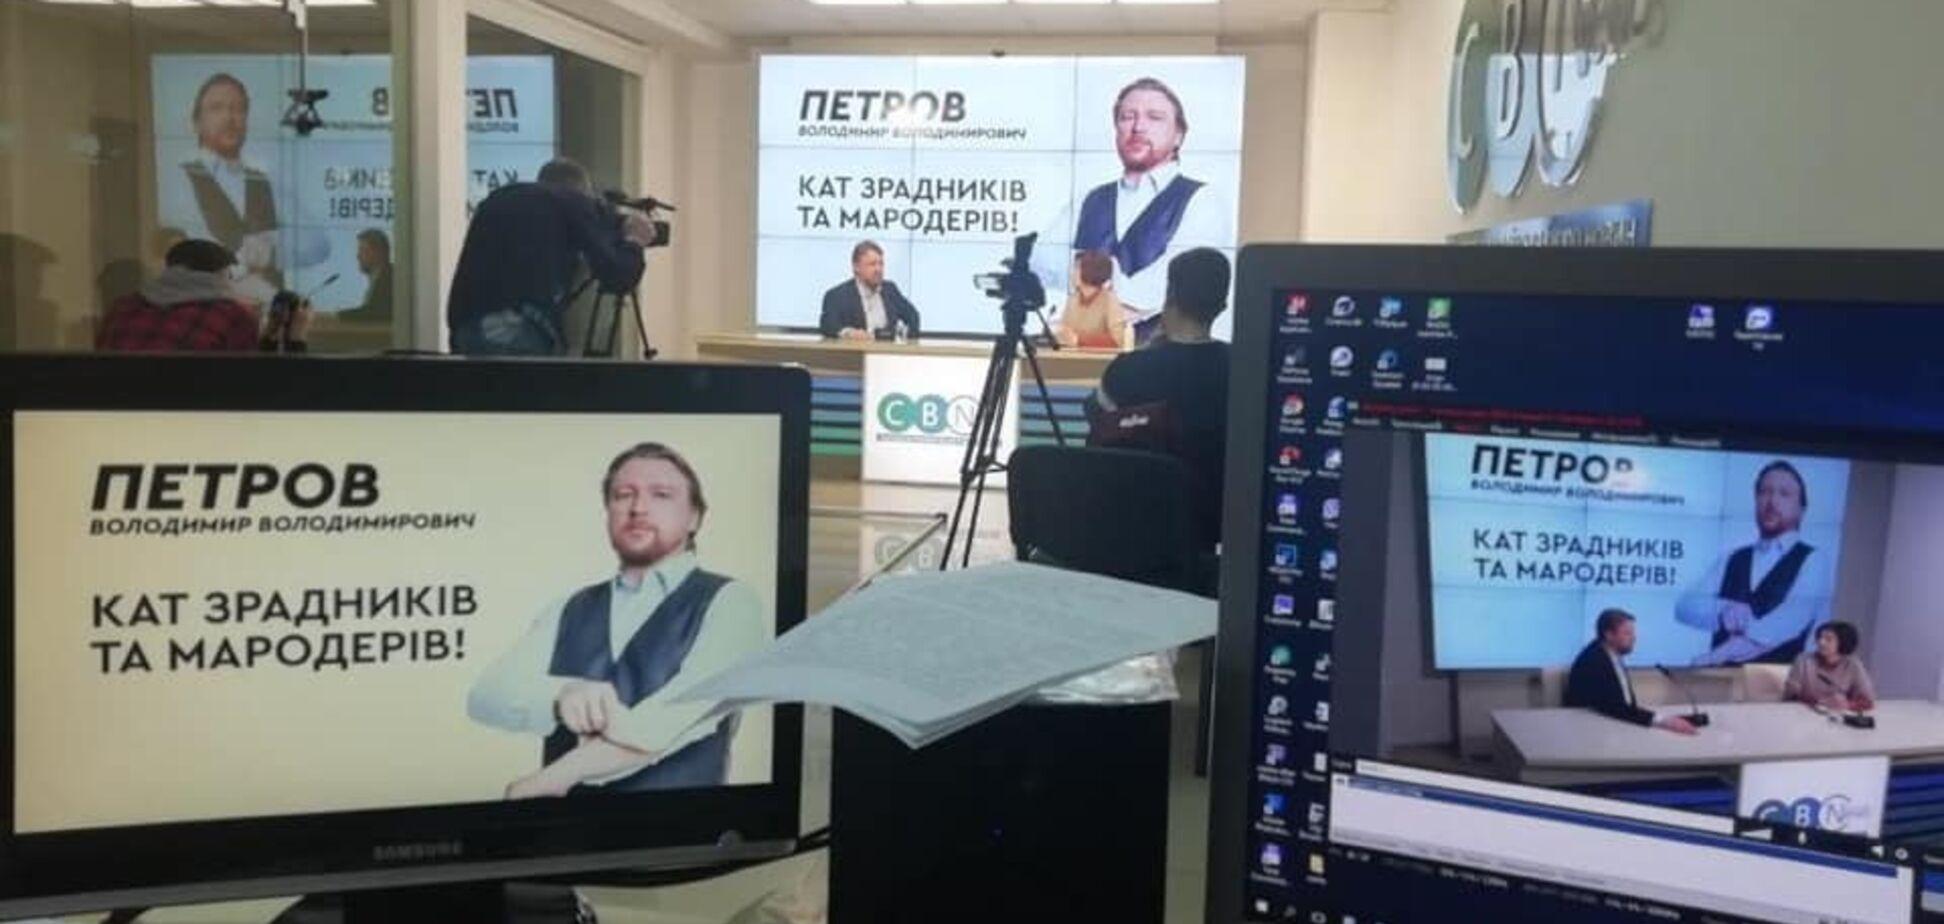 Кандидат Петров призвал пиарщиков саботировать работу лидеров президентской гонки